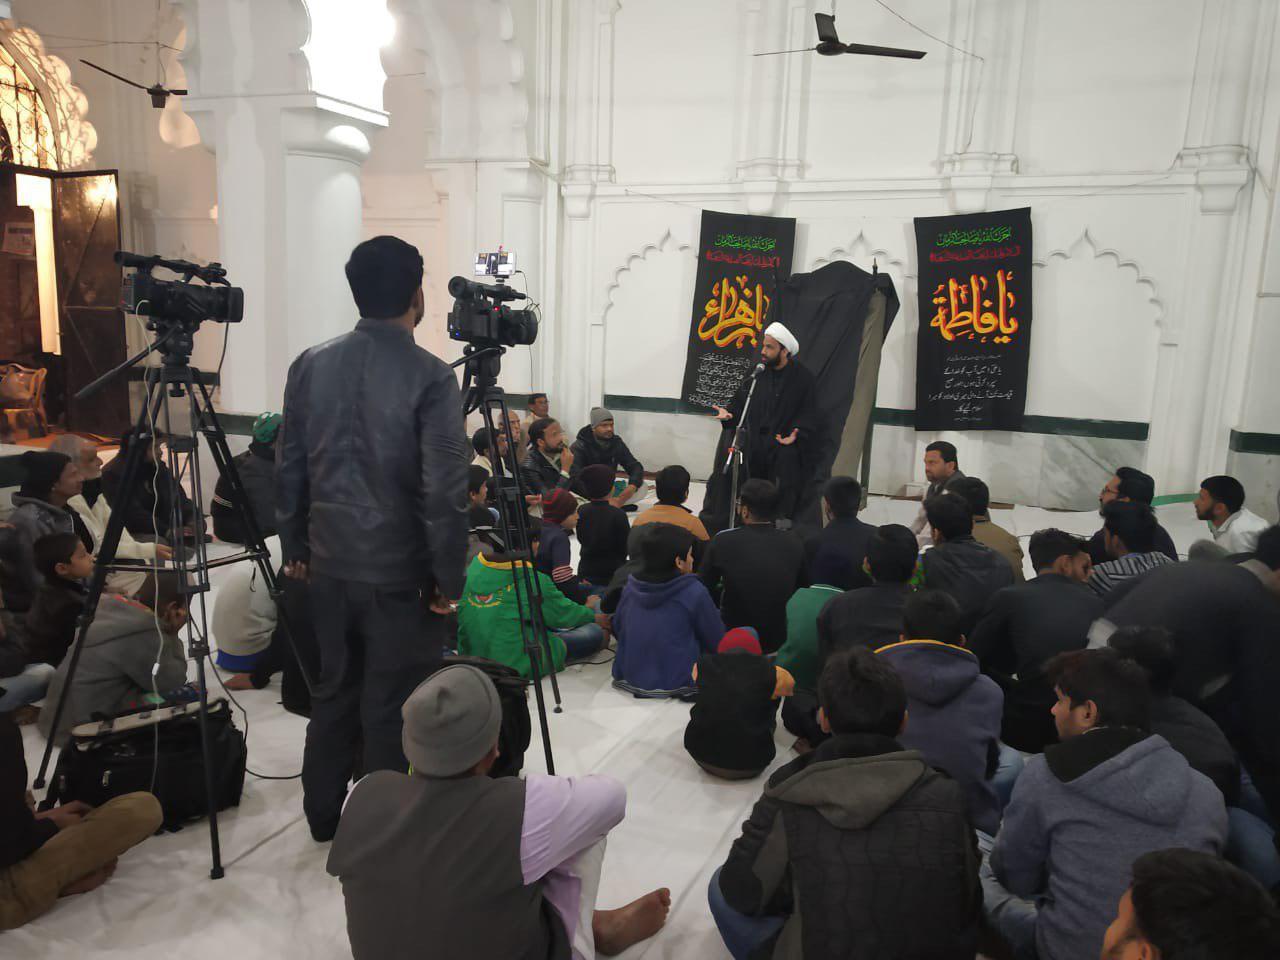 تصویر برگزاری عزاداری ایام فاطمیه توسط دفتر آیت الله العظمی شیرازی در شهر لکهنوی هند